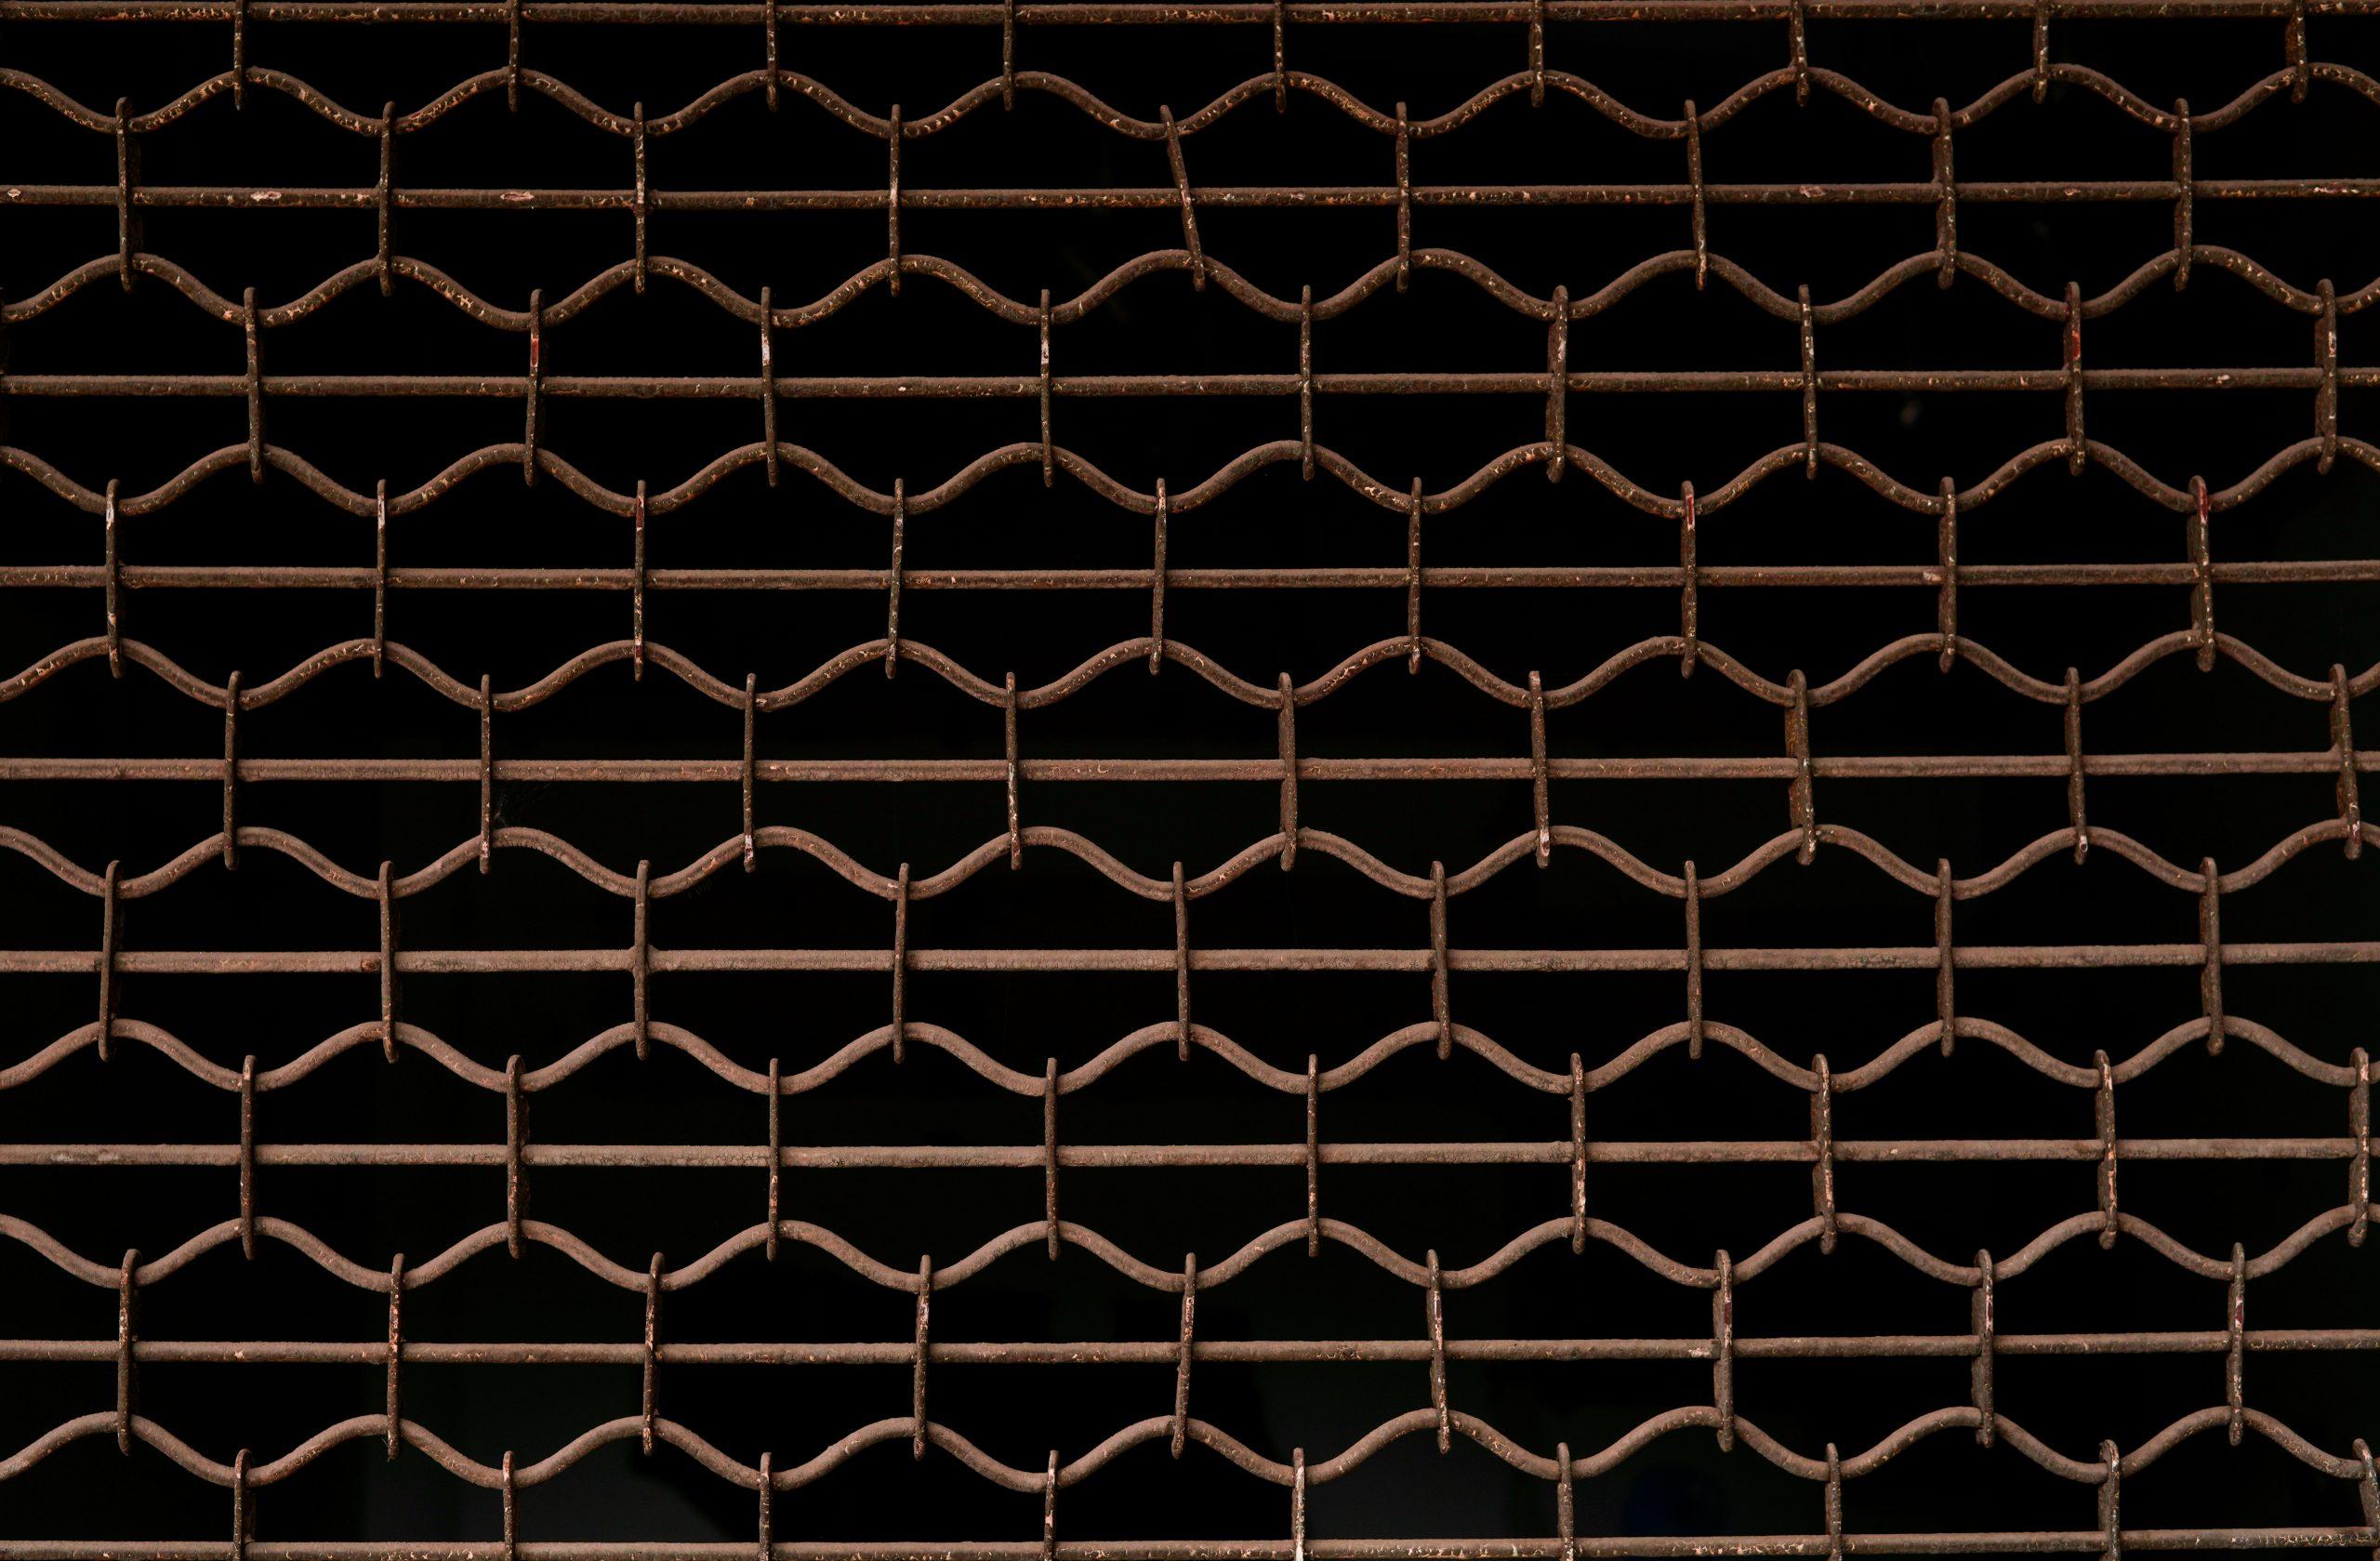 Mesh Barrier on Dark Background